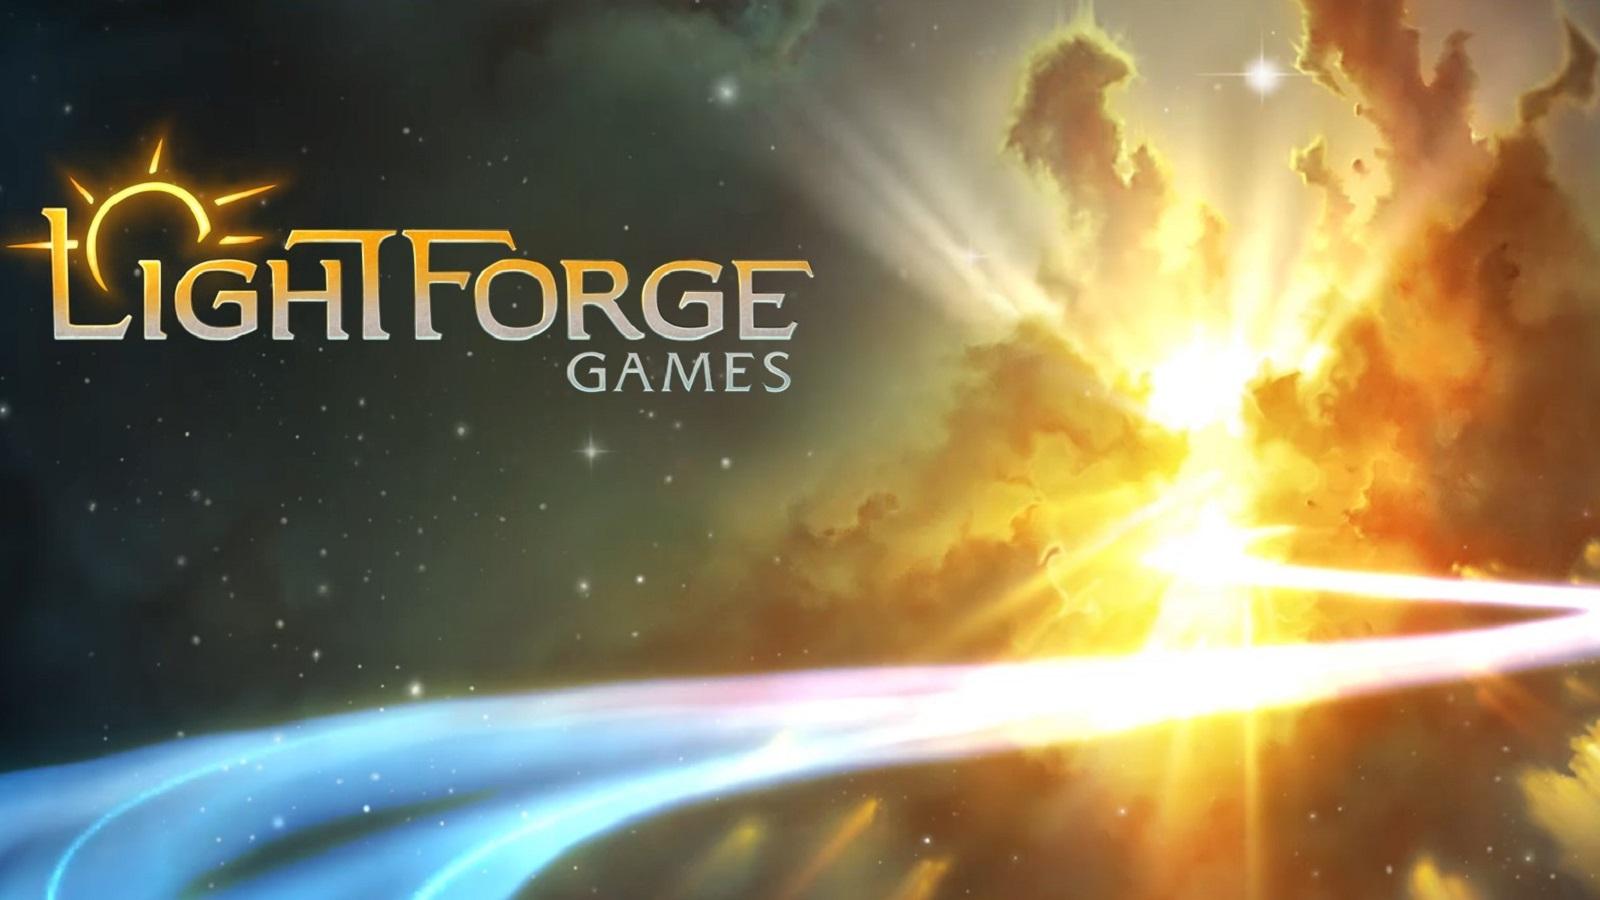 Ветераны Epic Games и Blizzard объединились в Lightforge Games, чтобы переосмыслить жанр ролевых игр